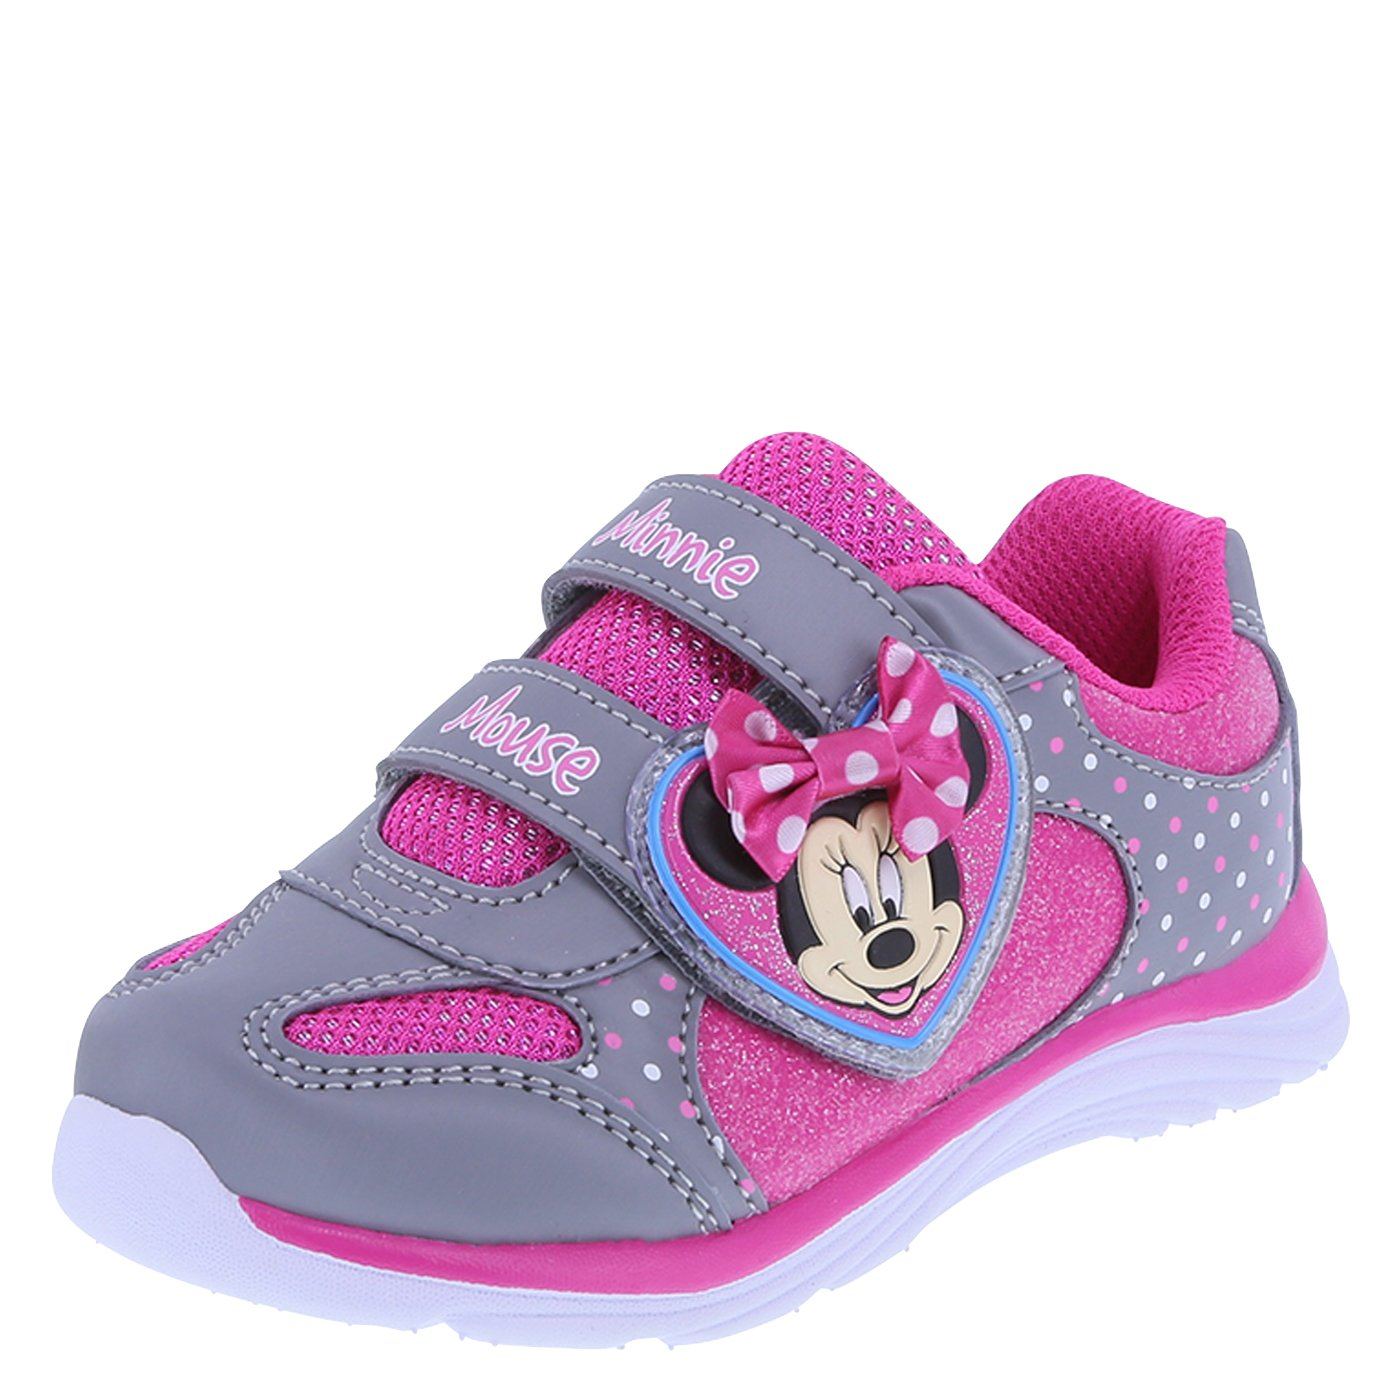 Minnie Mouse Bowtique Girls' Minnie Heart Runner 078572-Parent